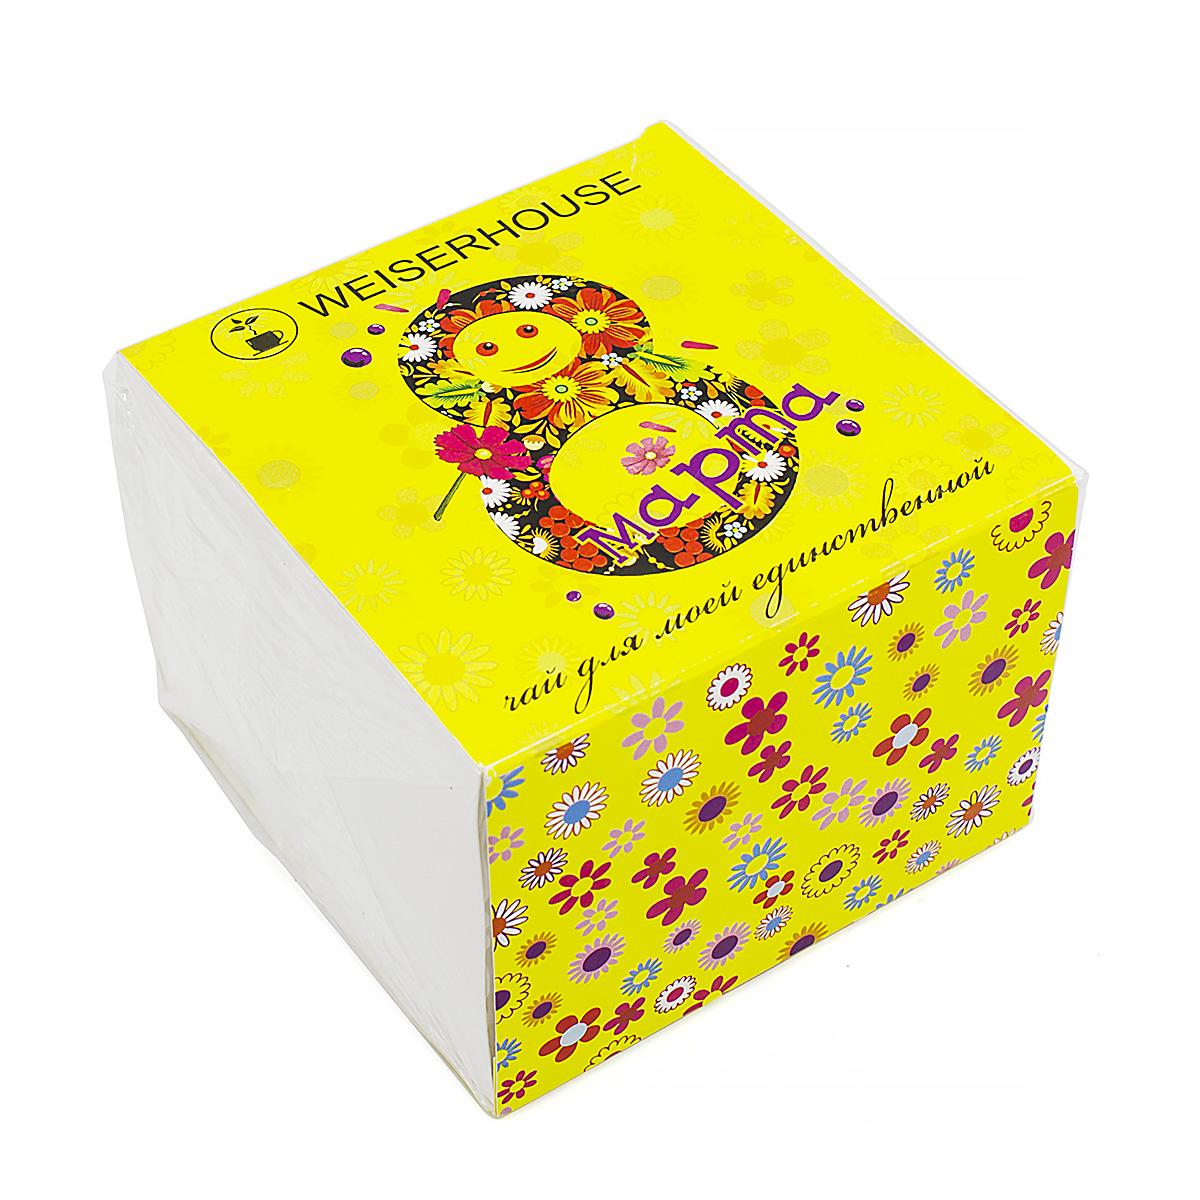 птицы цейлона кормушка бирюзовая чай черный листовой 75 г Черный чай Секрет Цейлона к 8 марта (Для моей единственной), 100 г